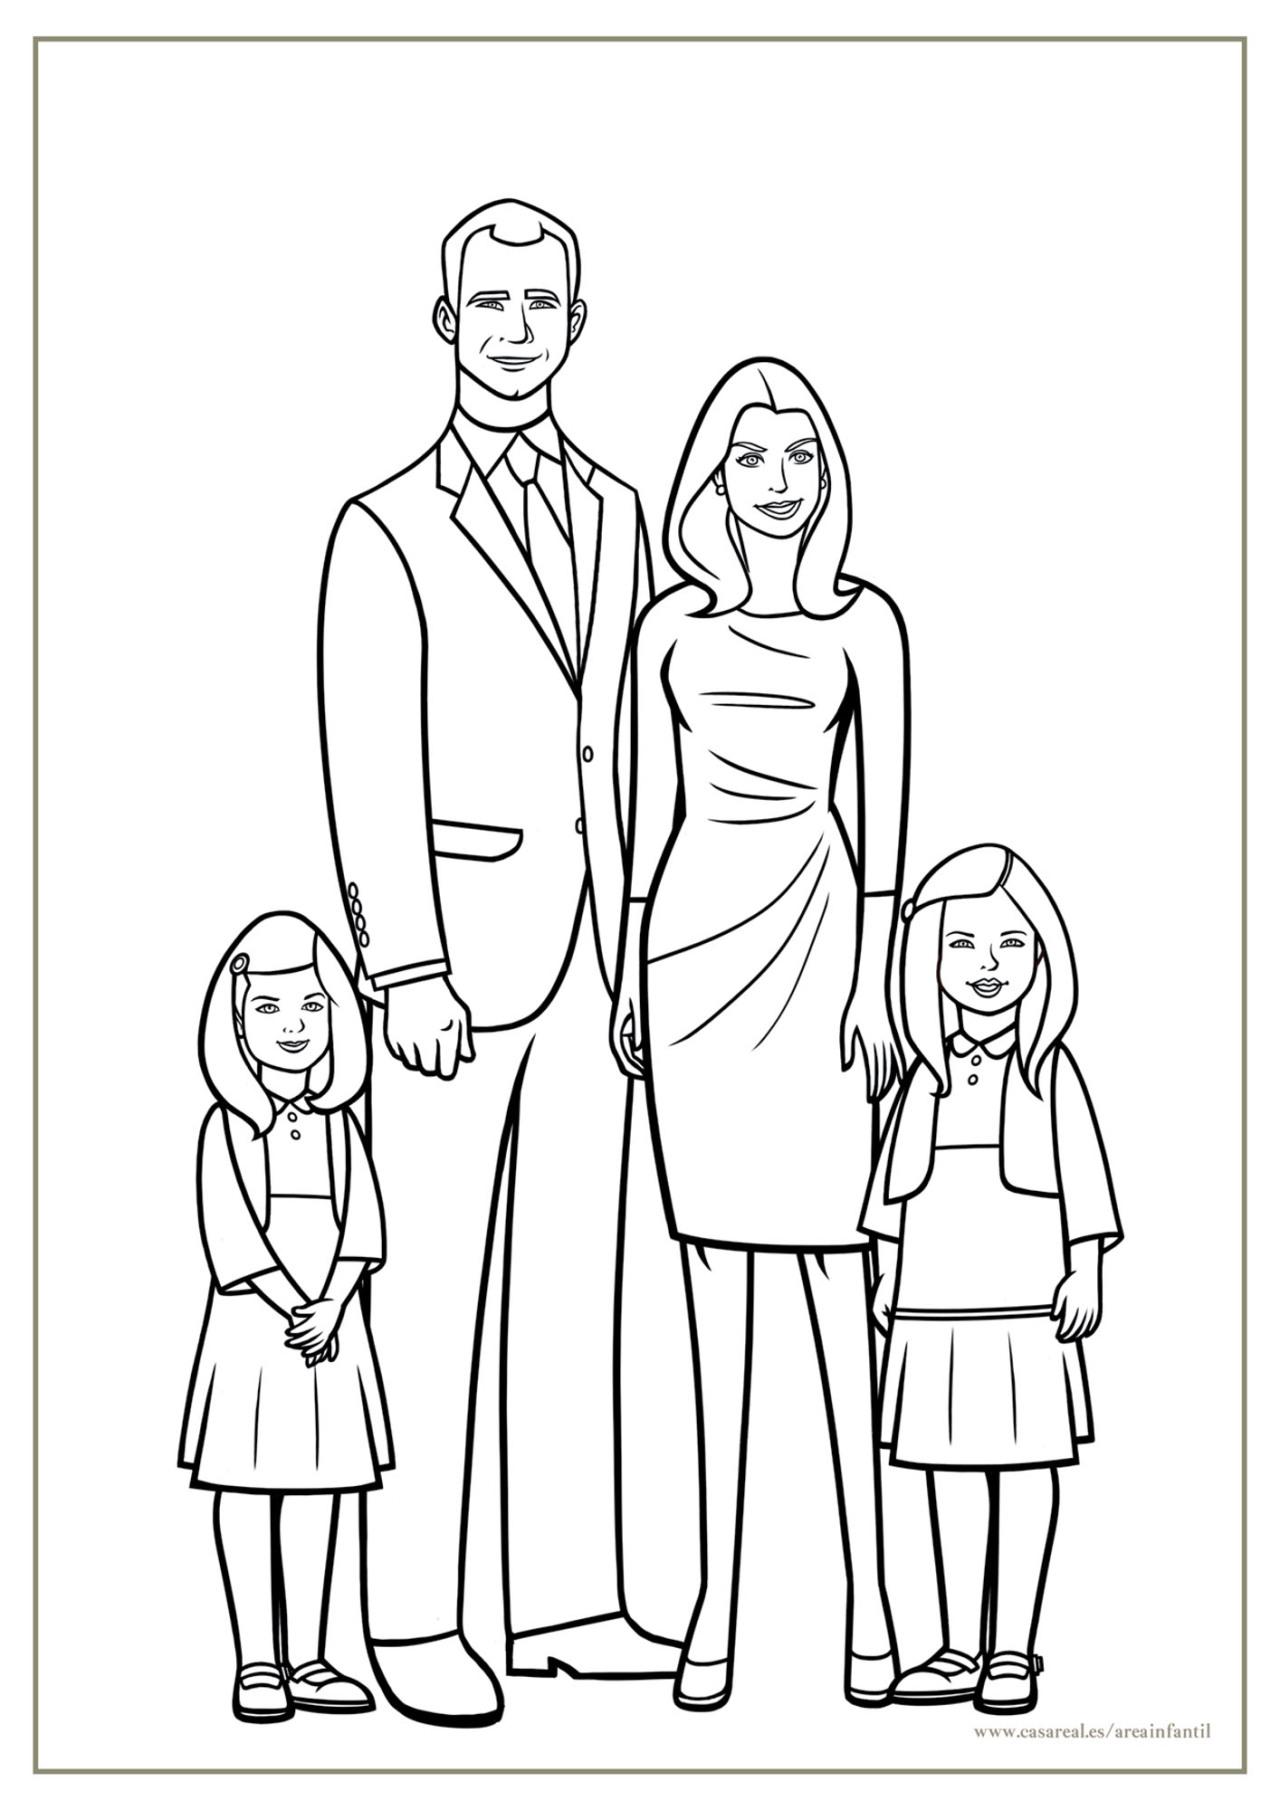 Nuevo Imagenes Para Colorear De La Familia Del 20